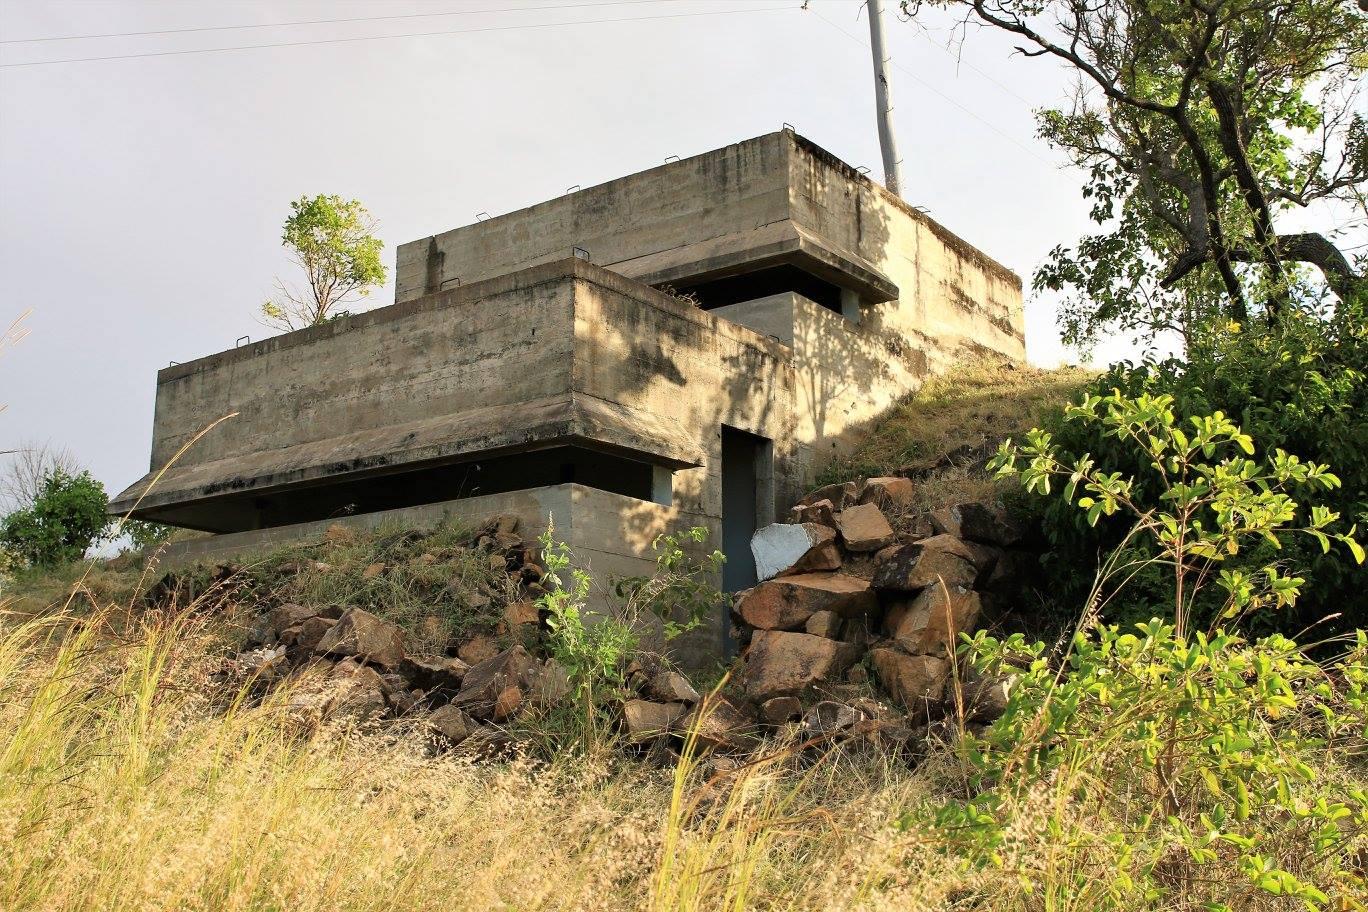 Cape Pallarenda ww2 bunker